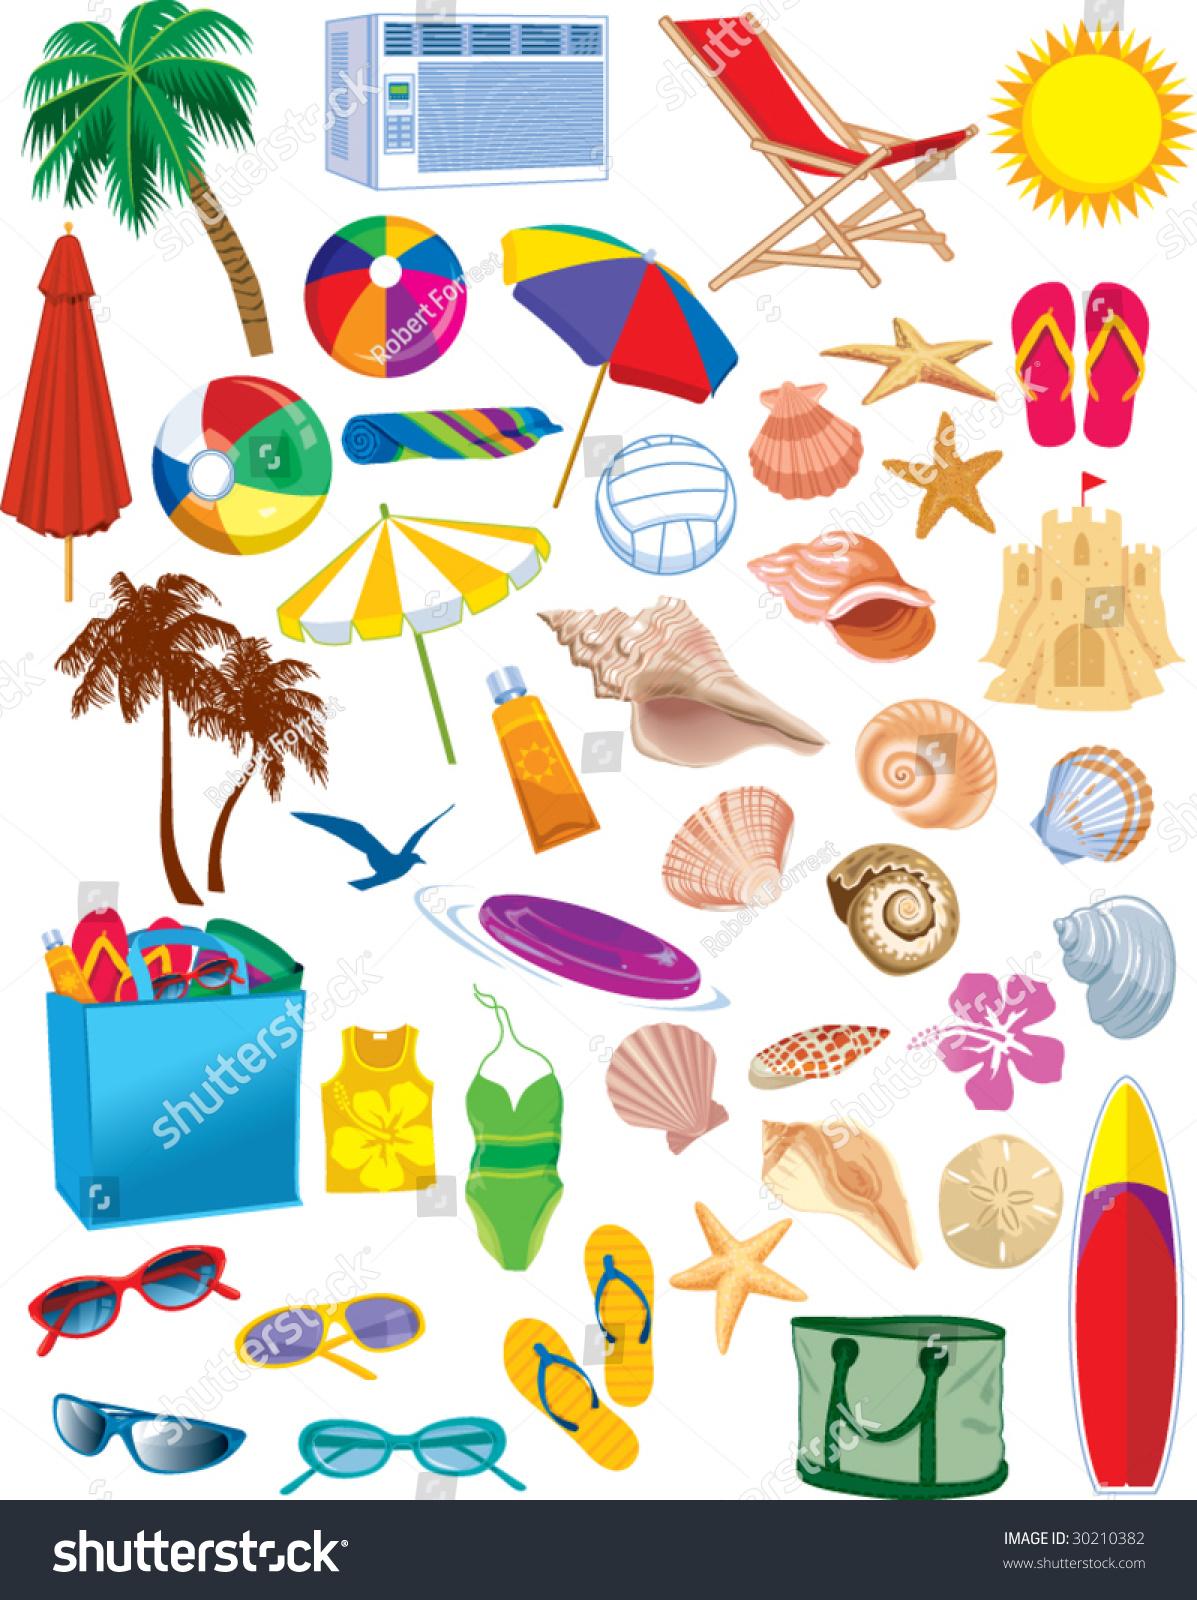 Beach Items Vectors Stock Vector 30210382 - Shutterstock